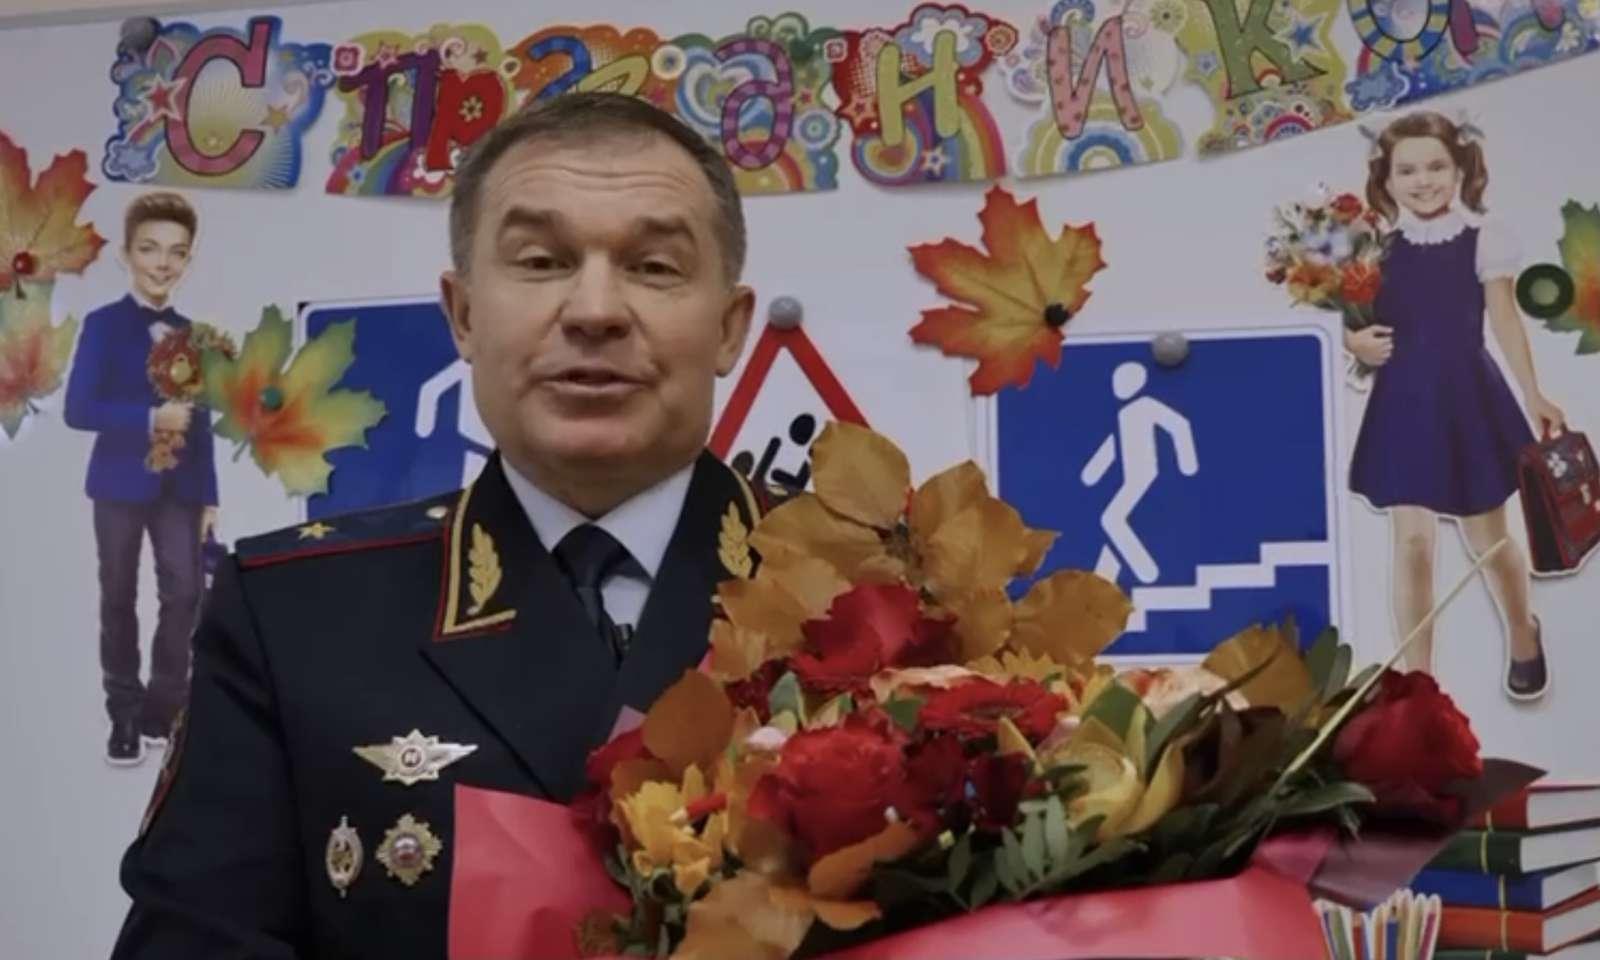 Госавтоинспекция Подмосковья поздравила учителей с праздником. Видео | Изображение 1